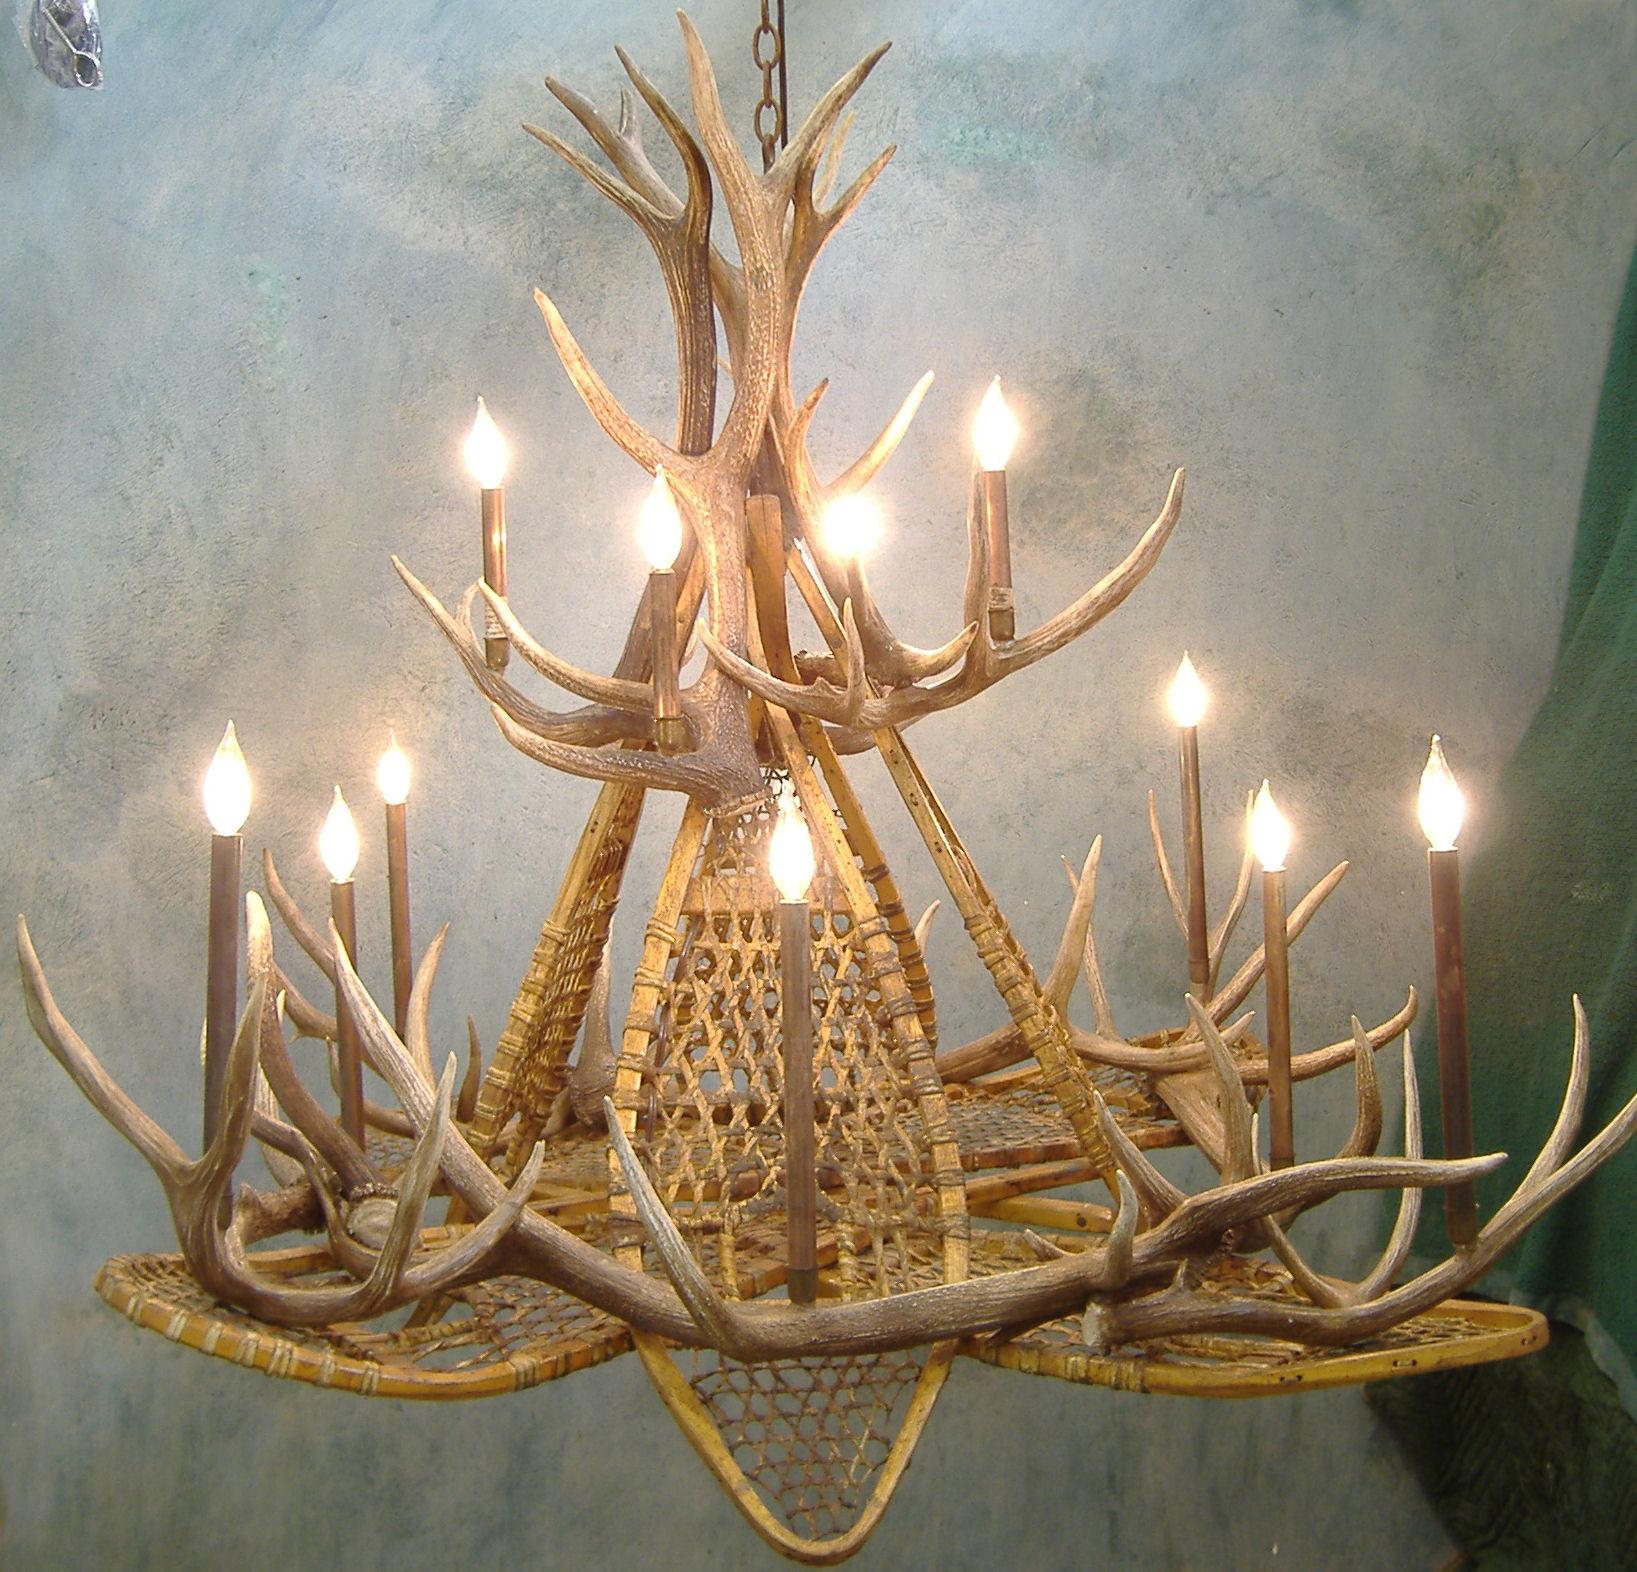 peak snowshoe elk antler chandelier 16 light - Antler Chandelier